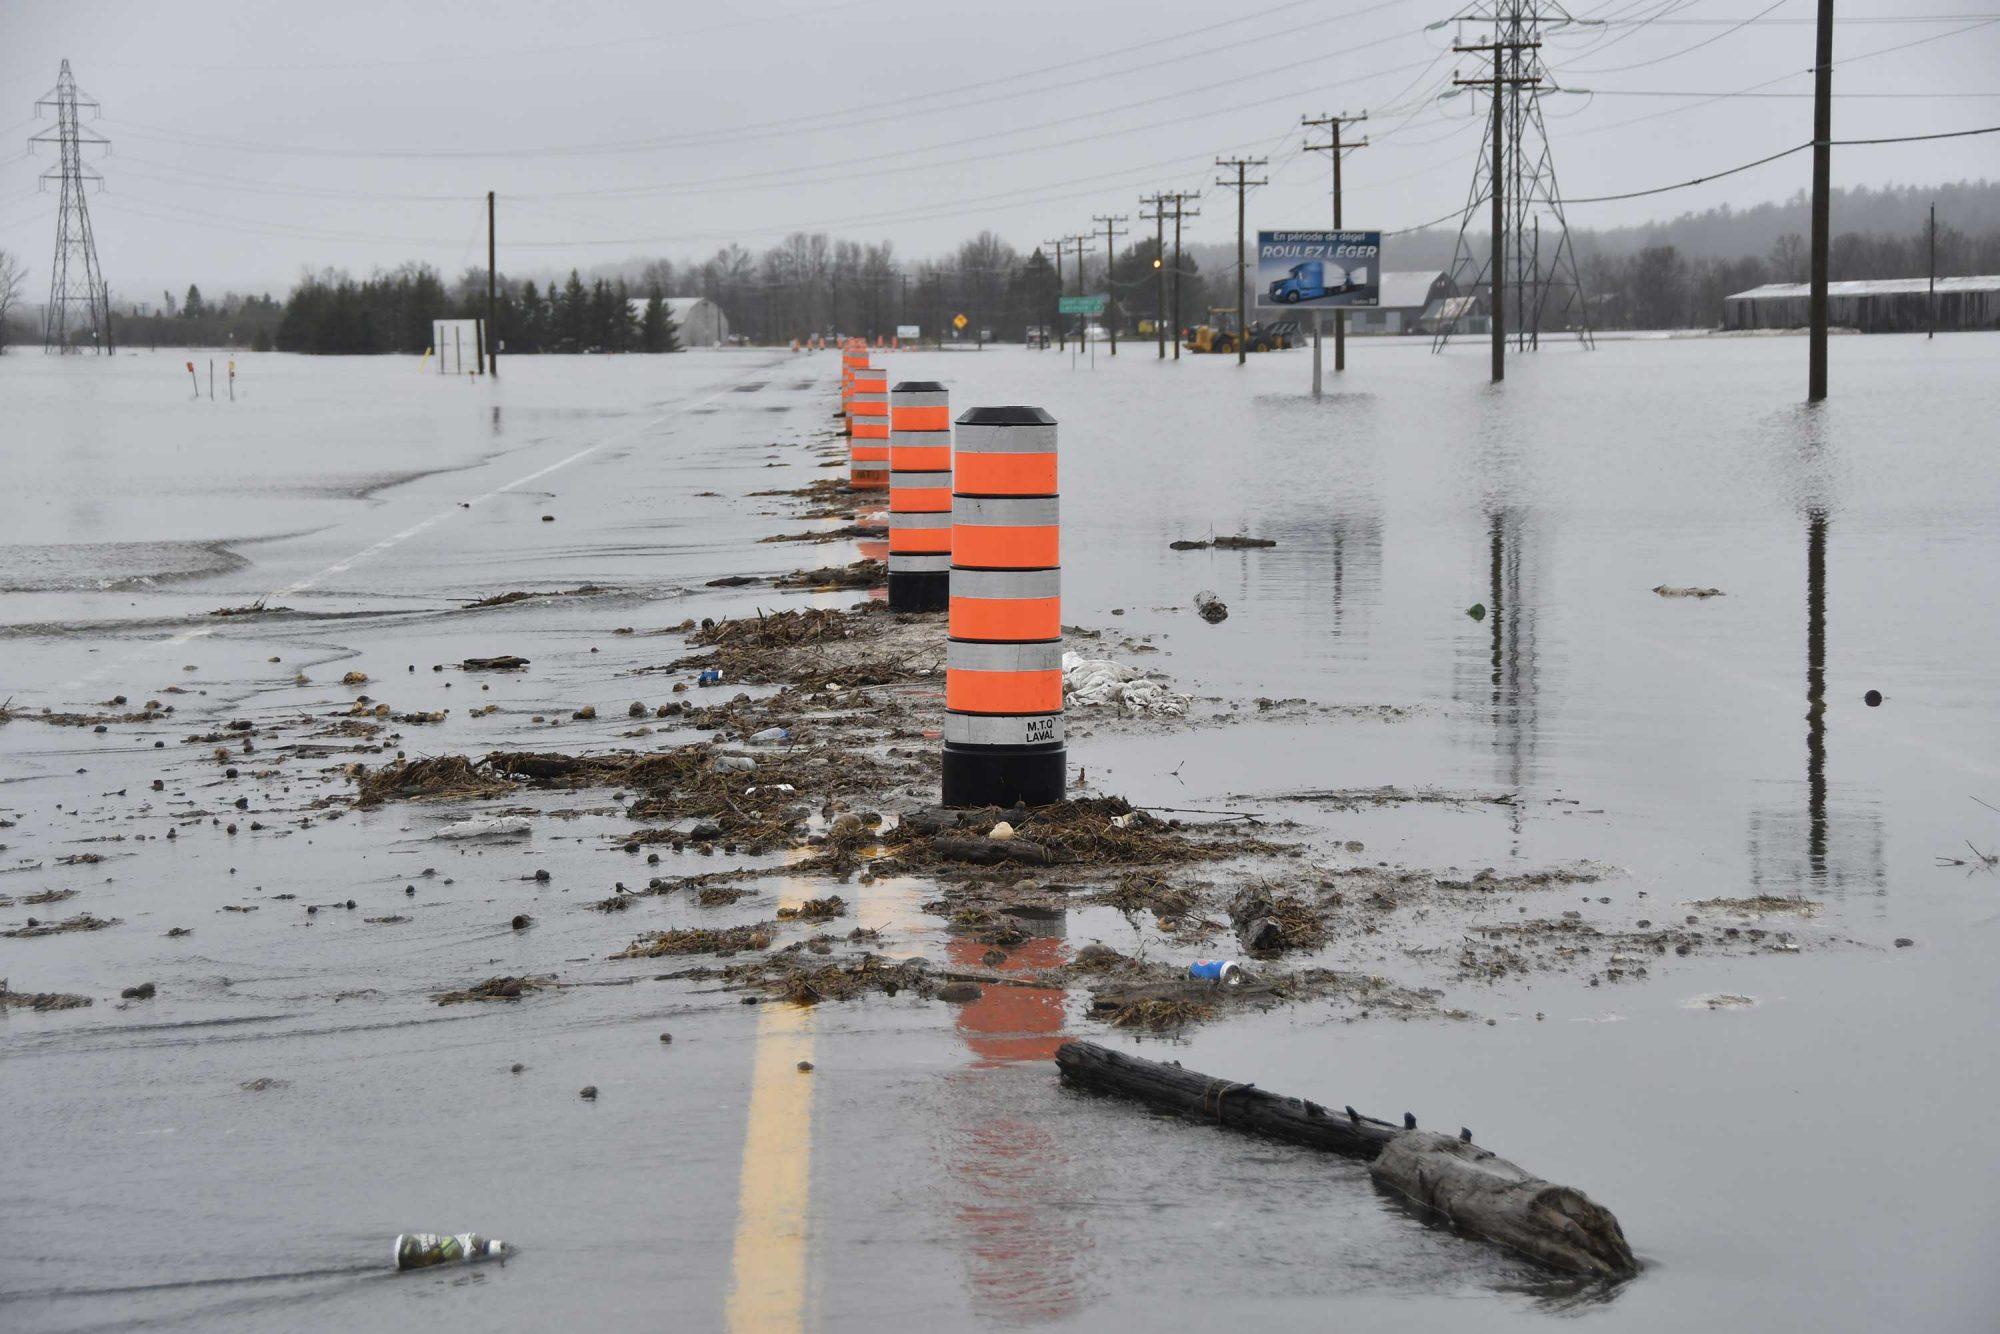 La route 158 a été fermée à la circulation dans le secteur de Mirabel dans la nuit du 24 avril 2019. Photo Alain St-Jean